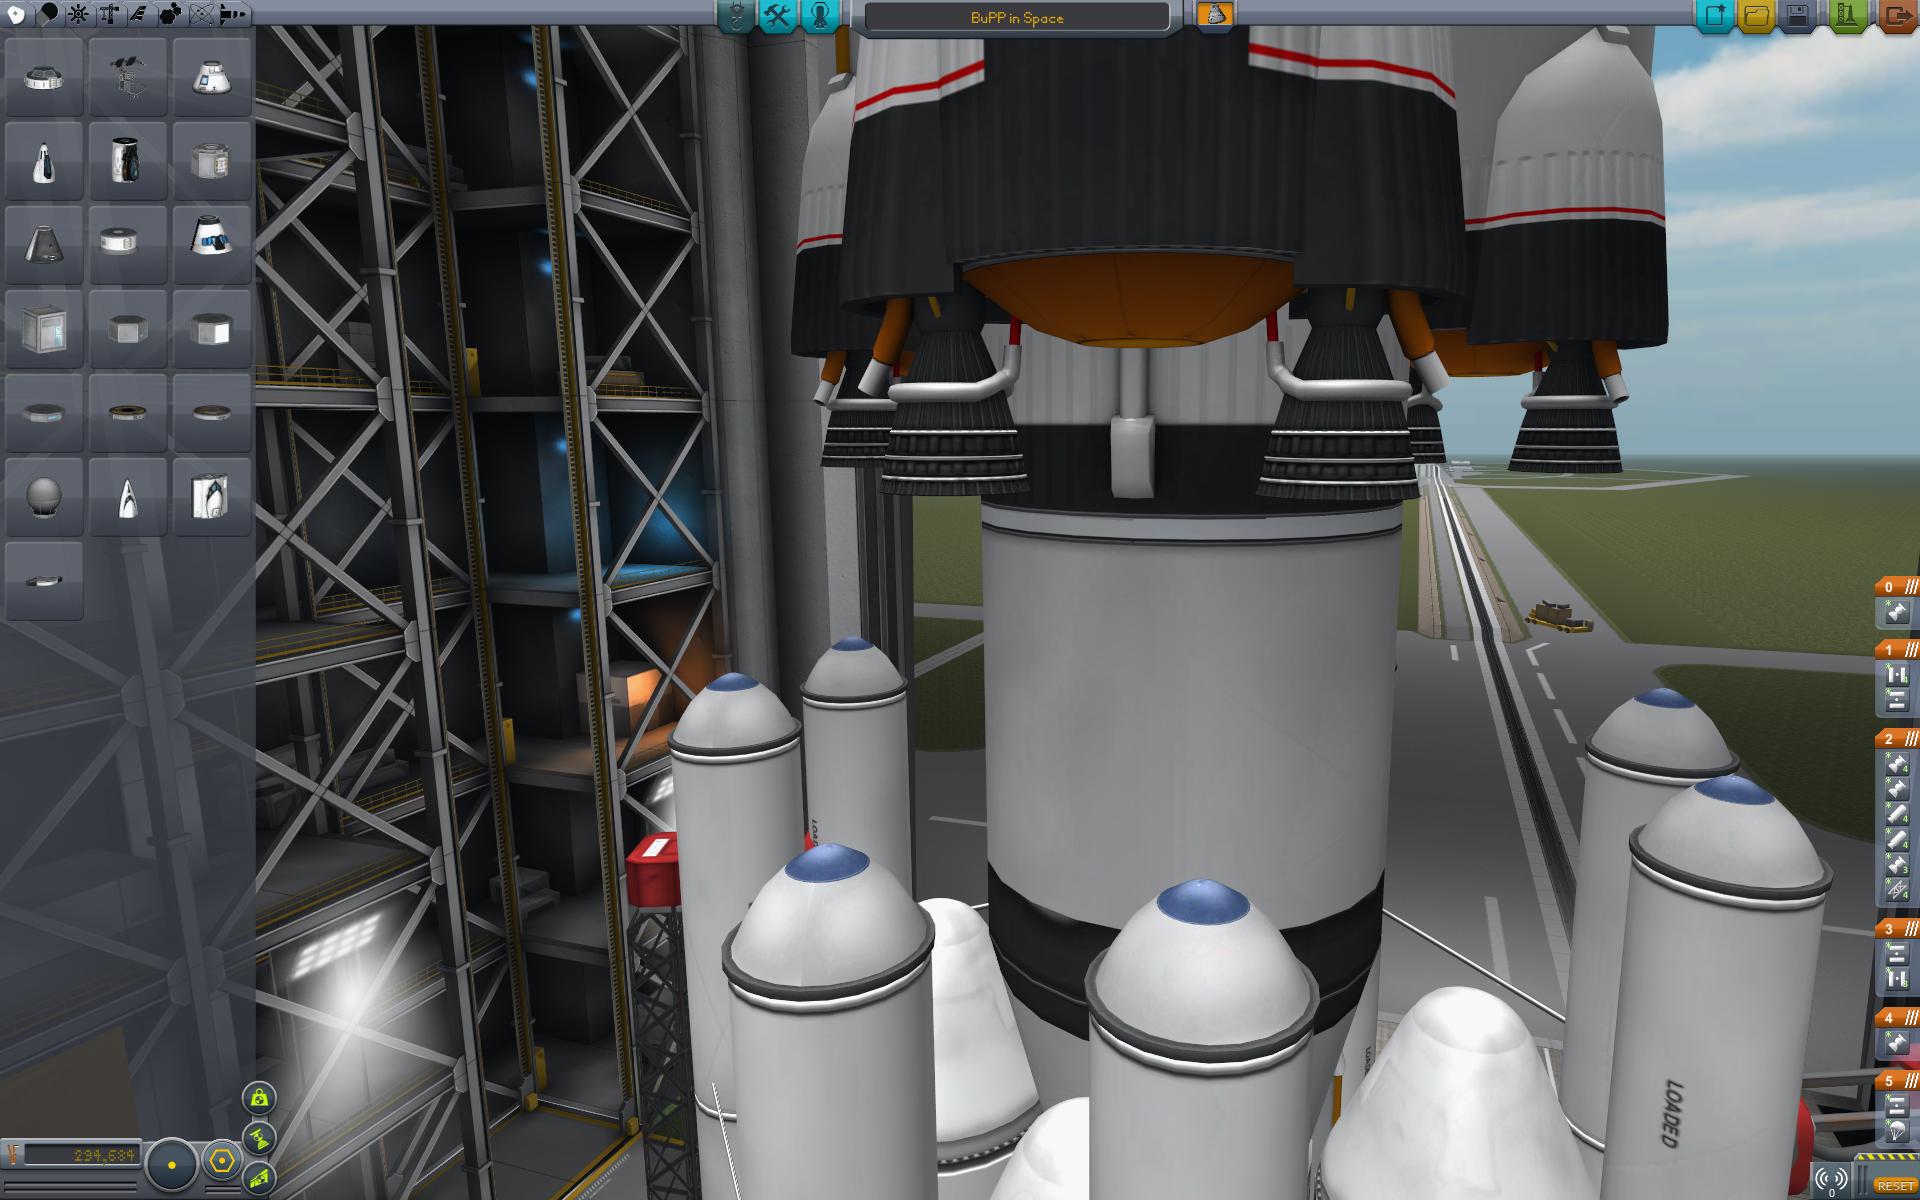 Konstruktion einer Rakete.